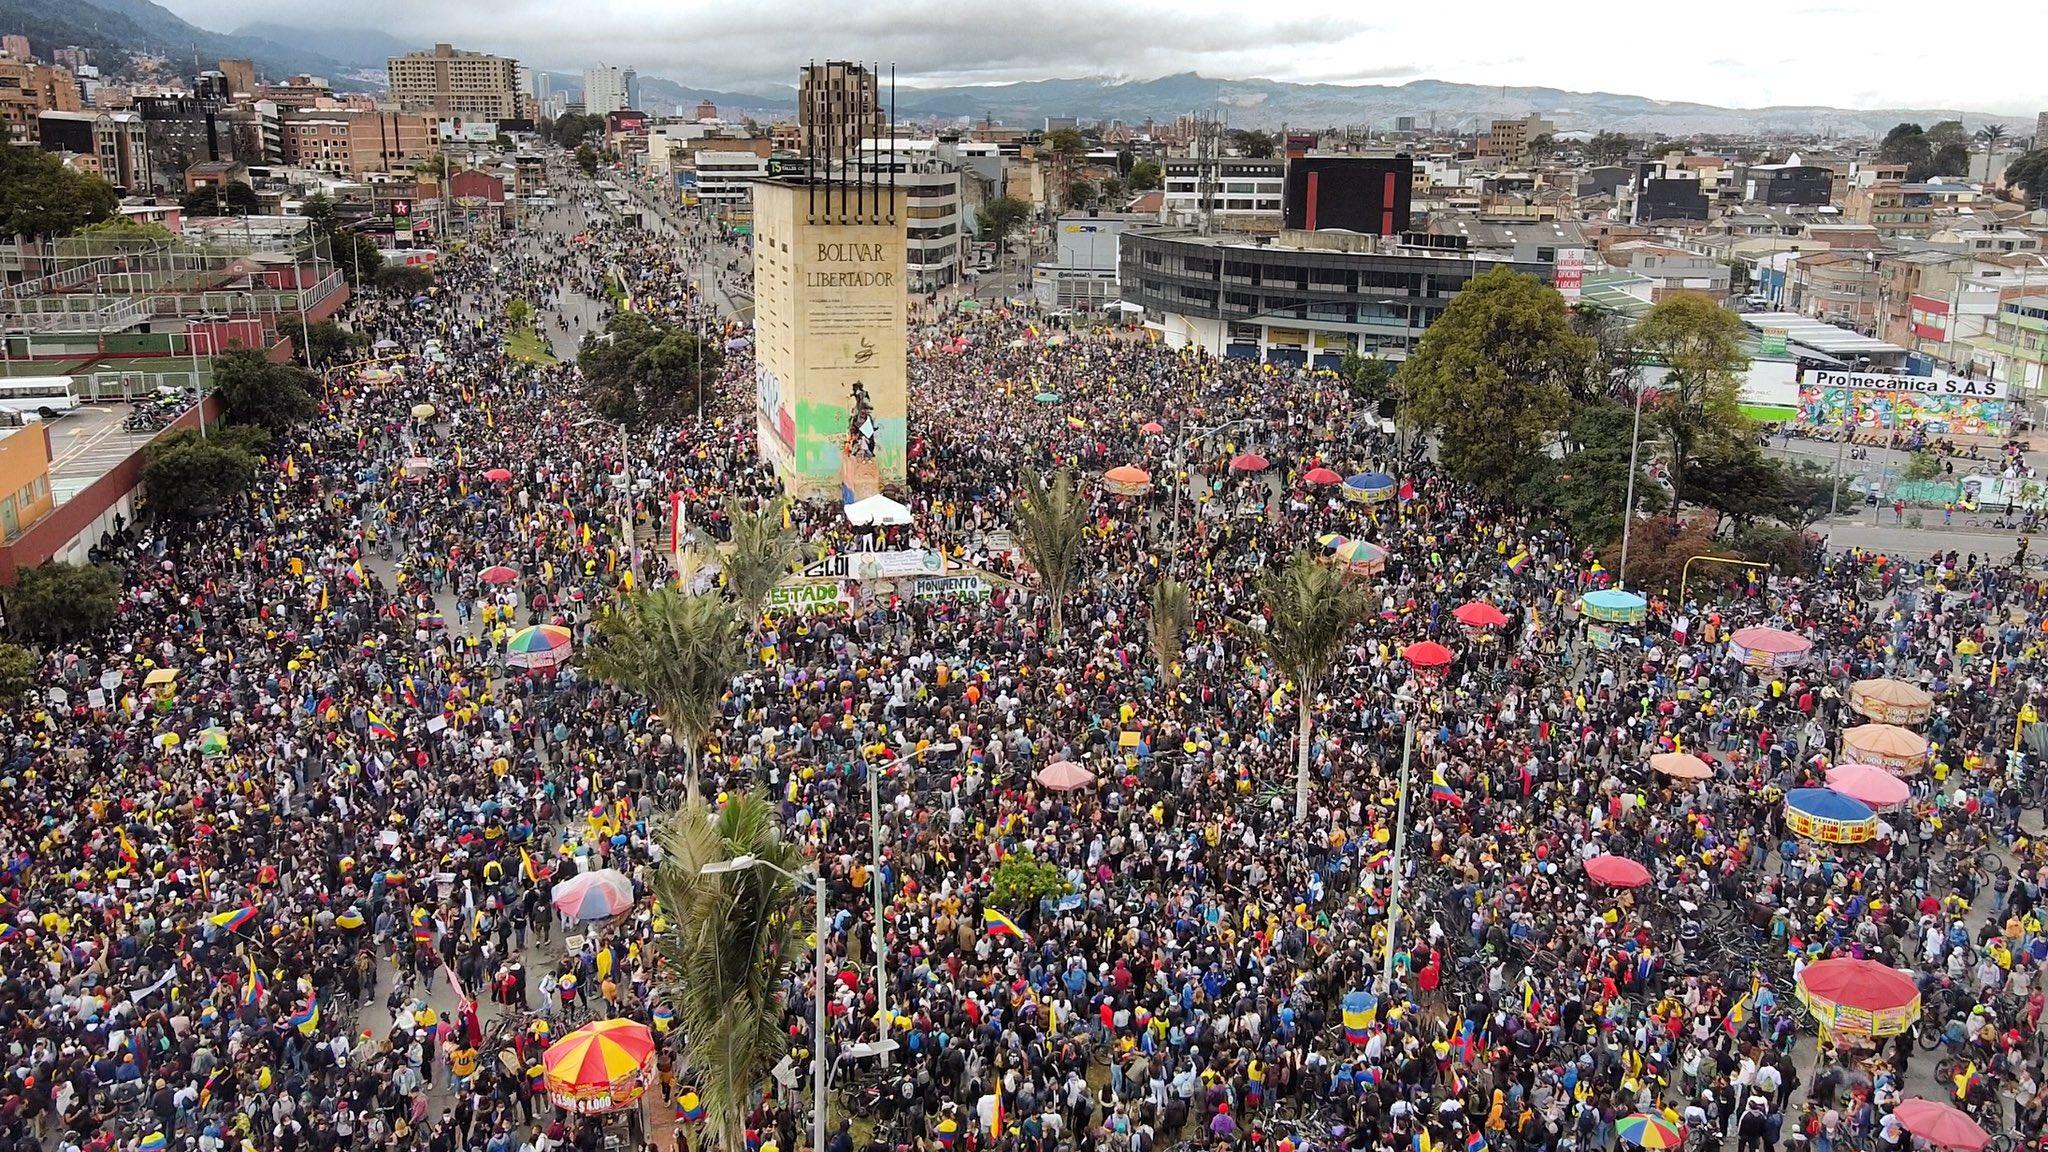 Cuatro semanas de manifestaciones, más de 50 años esperando soluciones